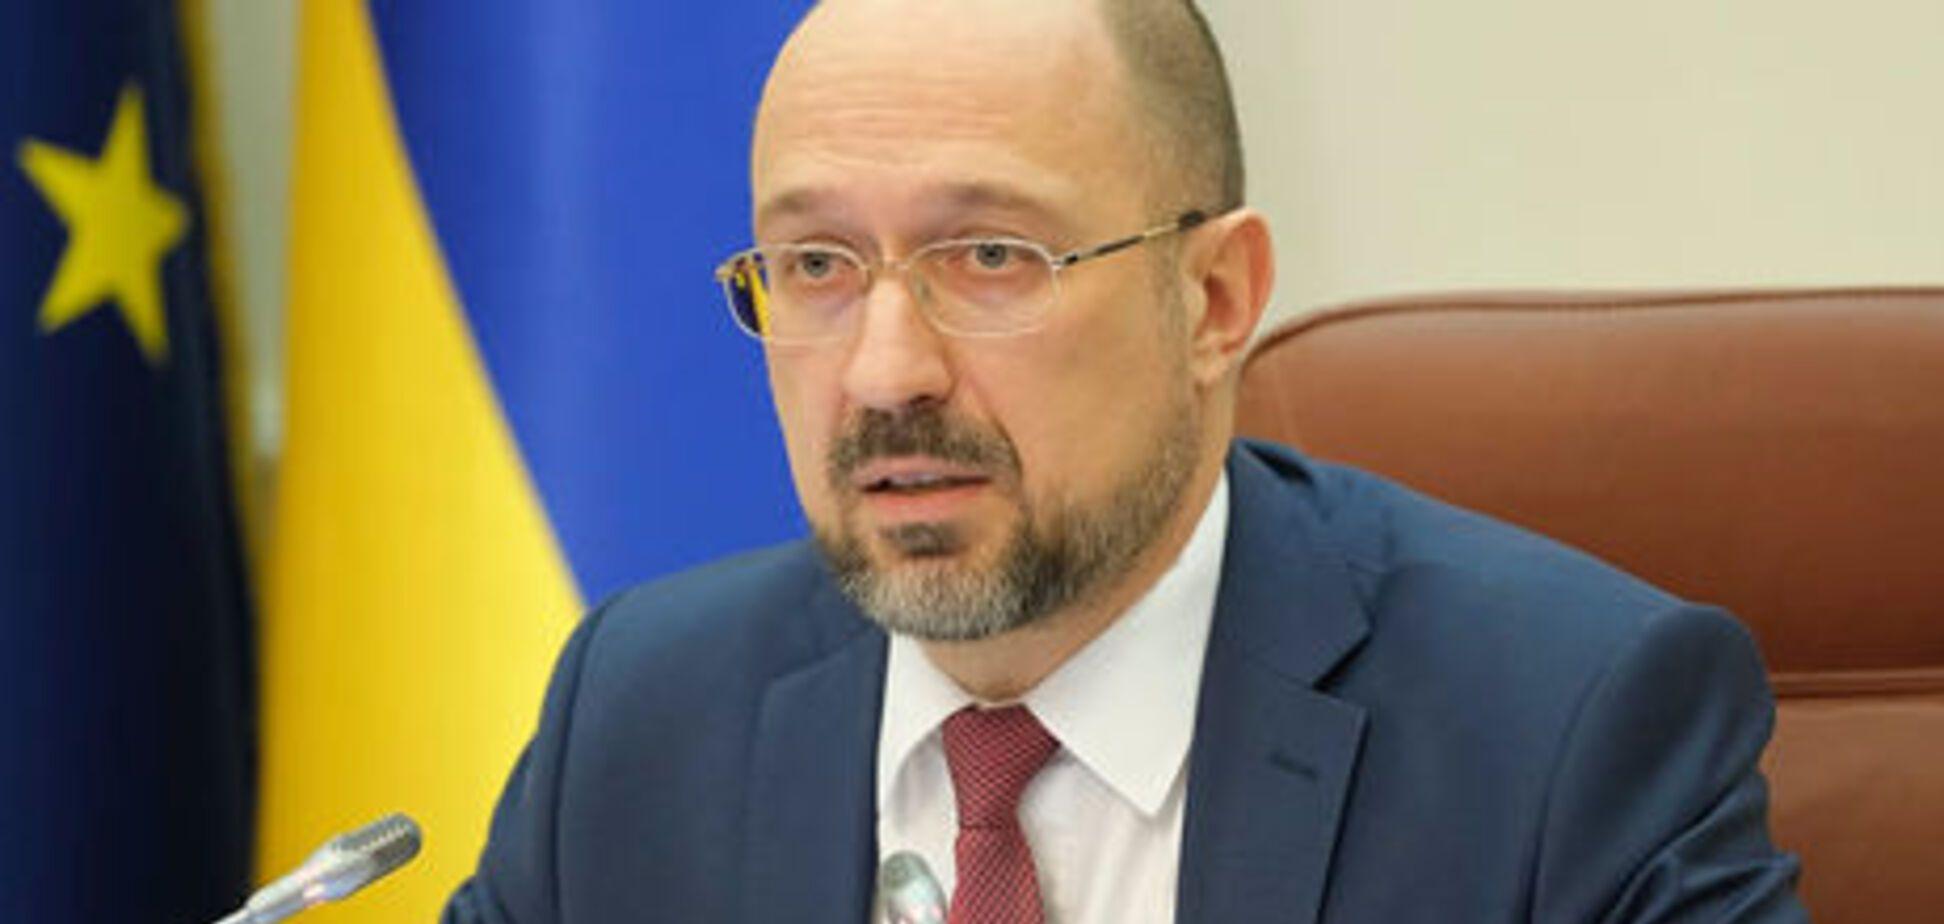 Шмыгаль анонсировал создание новых министерств в Украине